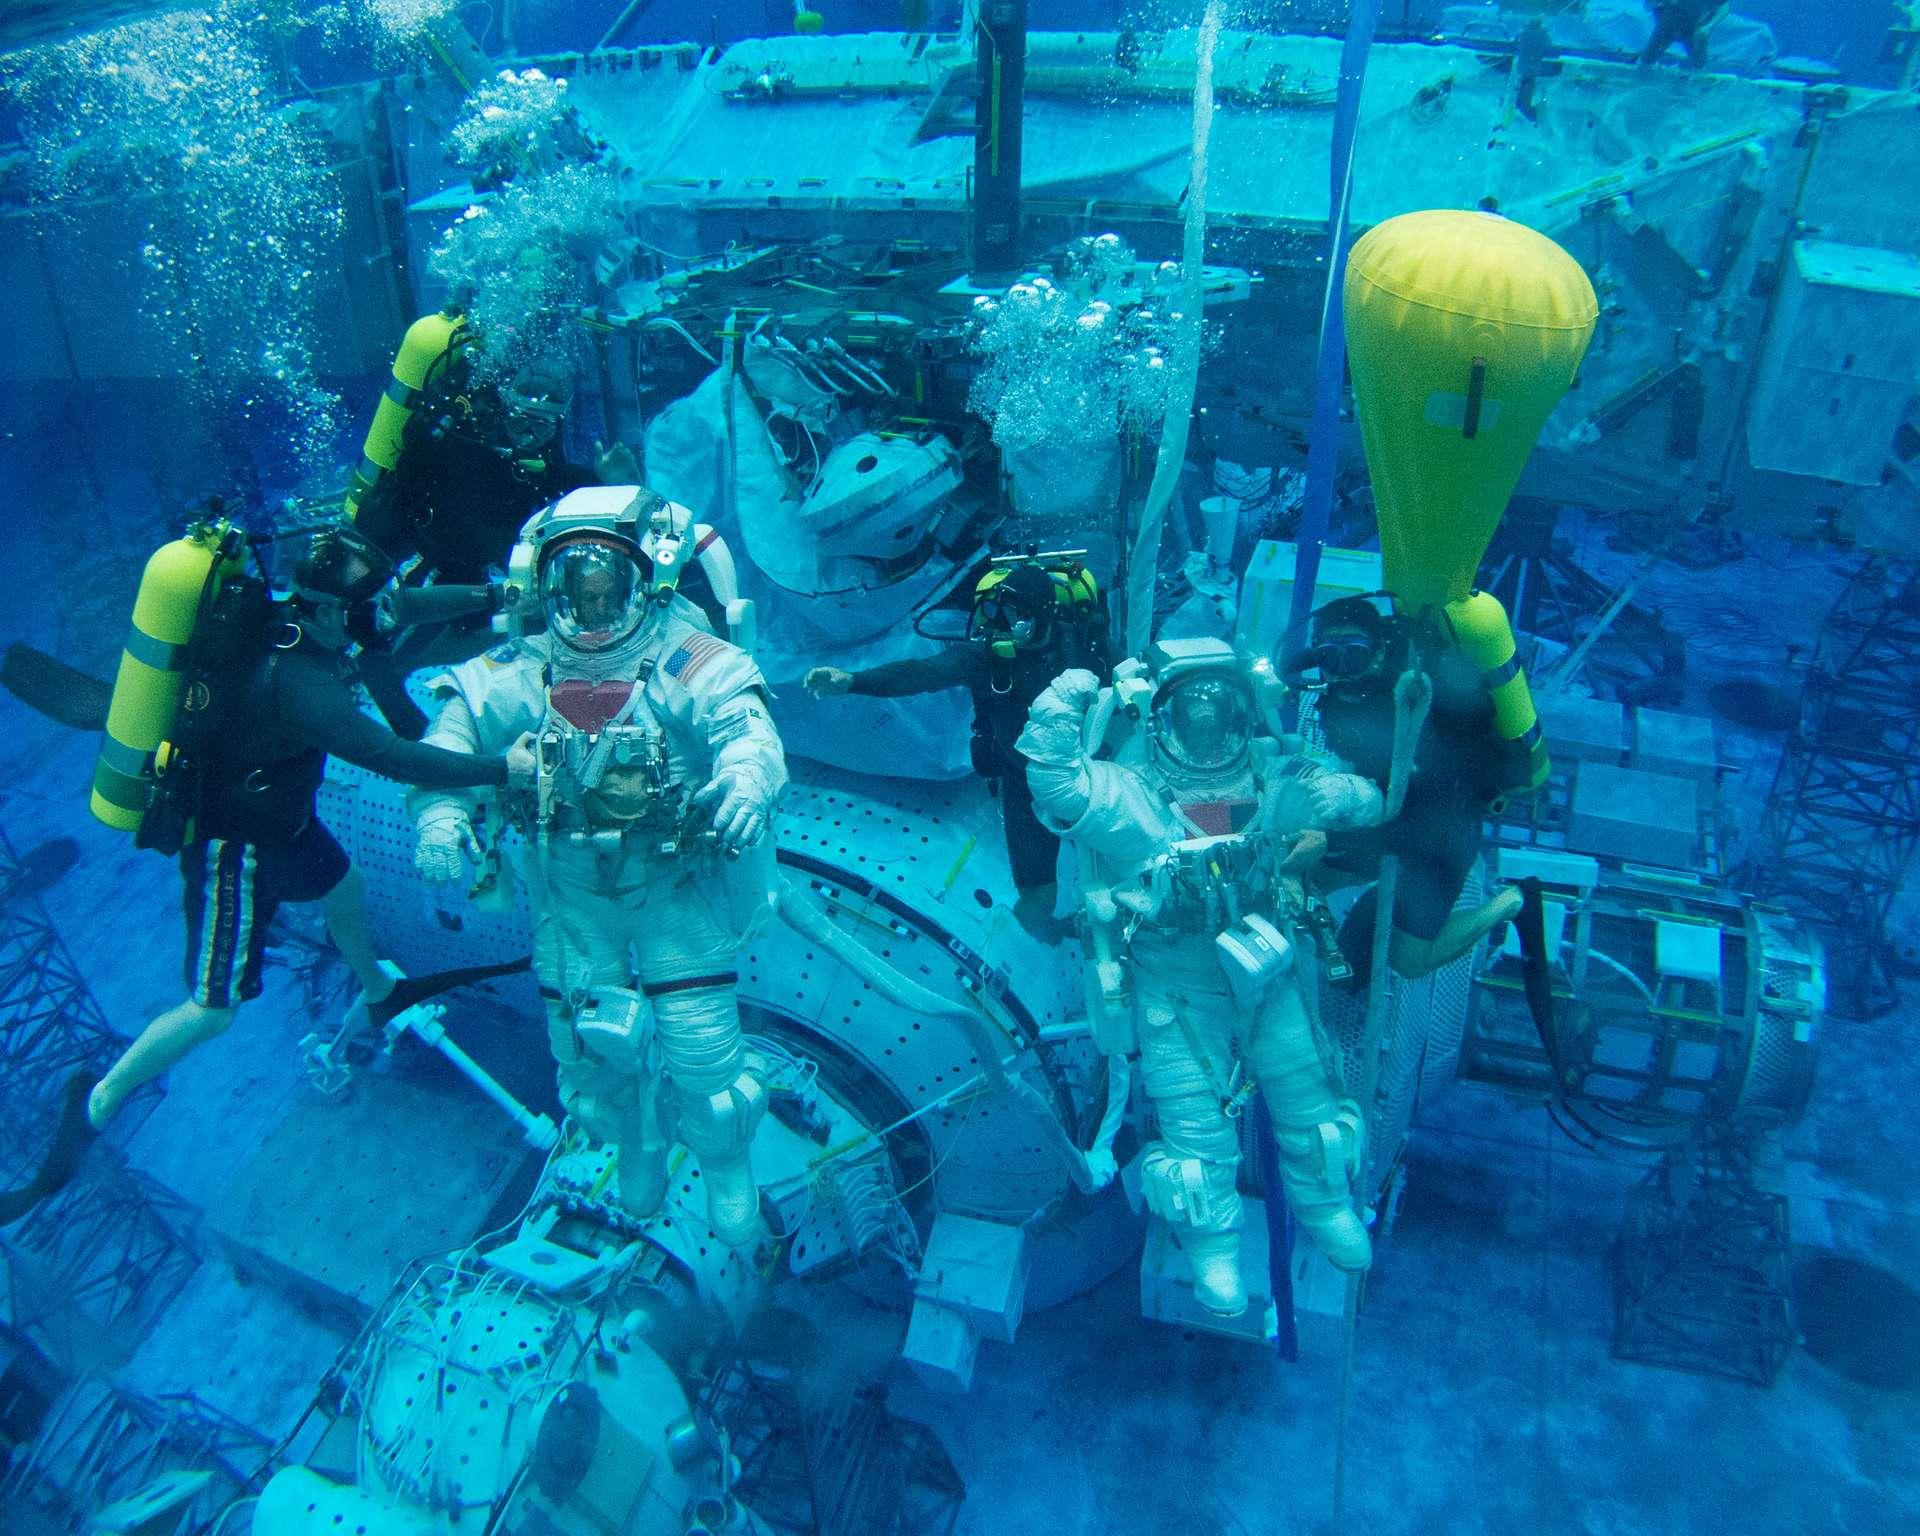 Deux astronautes de la Nasa s'entraînant aux sorties dans l'espace sous l'eau. © Nasa